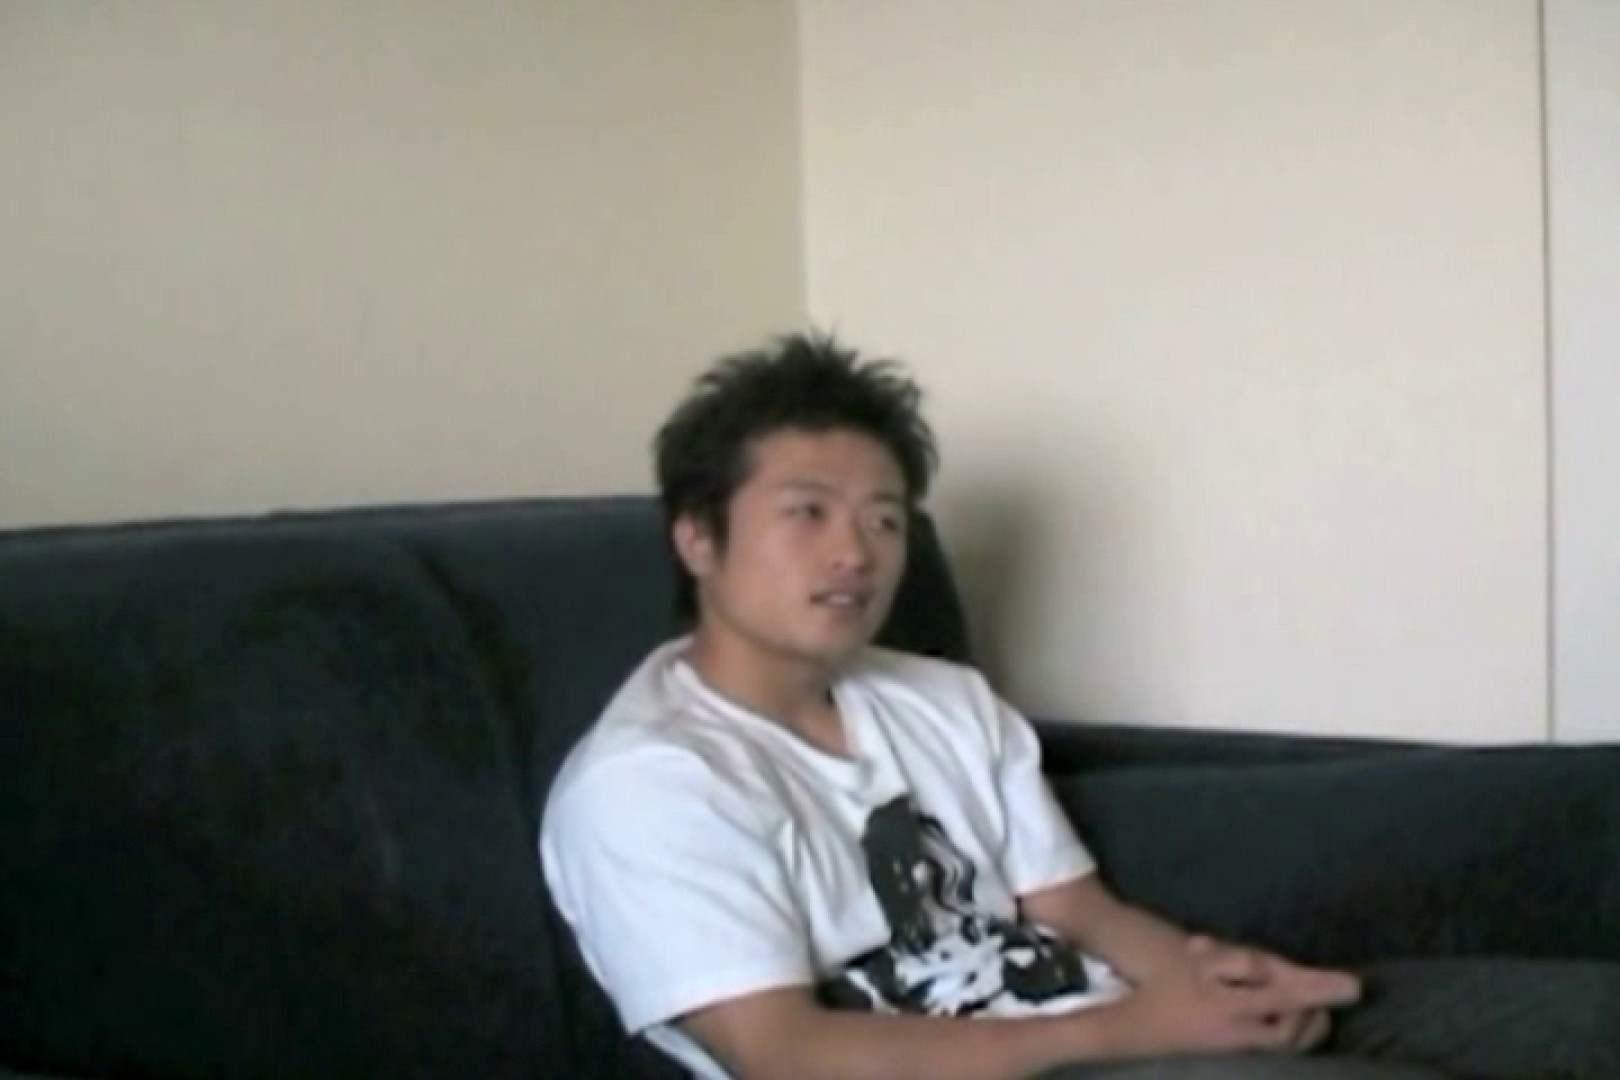 イケイケMENS CLUB【File.03】 エロ動画 ゲイセックス画像 103枚 1